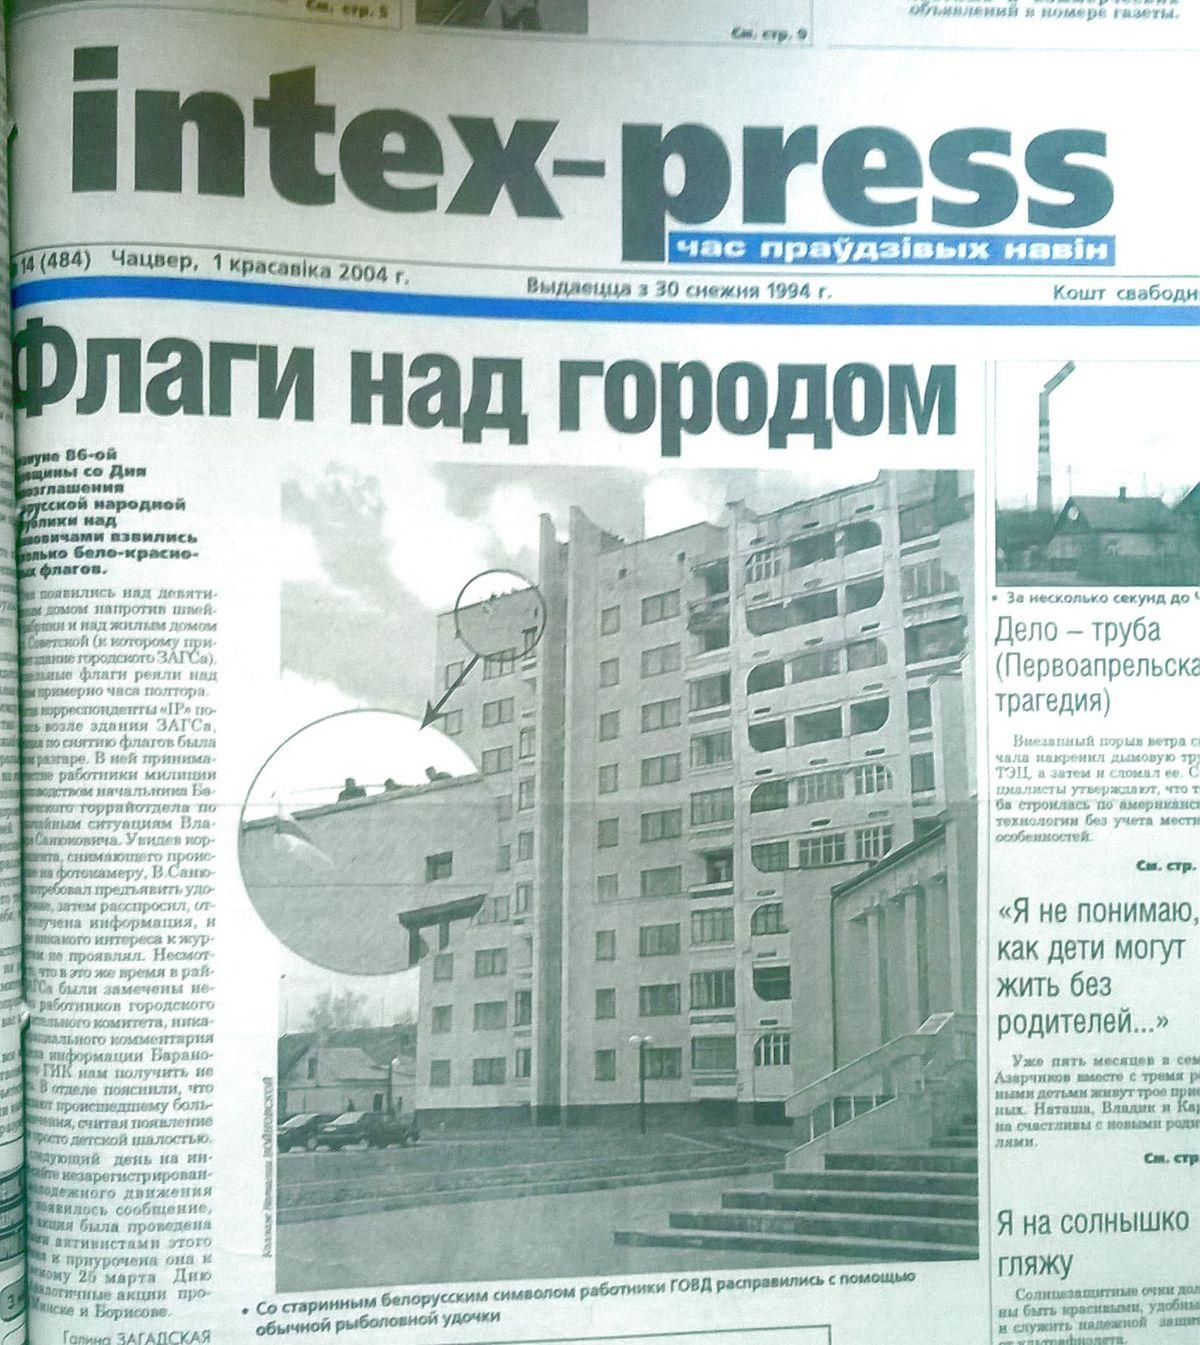 У Баранавічах на Дзень Волі ў 2004 годзе невядомыя вывесілі сцяг